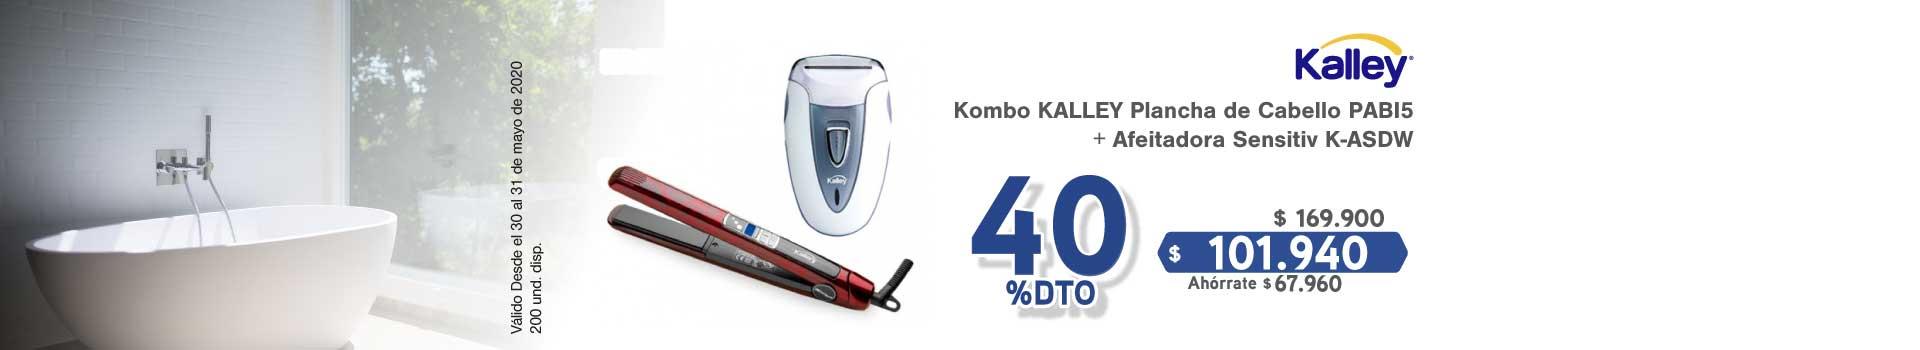 AK-KT-CPERSONAL KALLEY AFEITA_MFSTEEL 30 MAYO